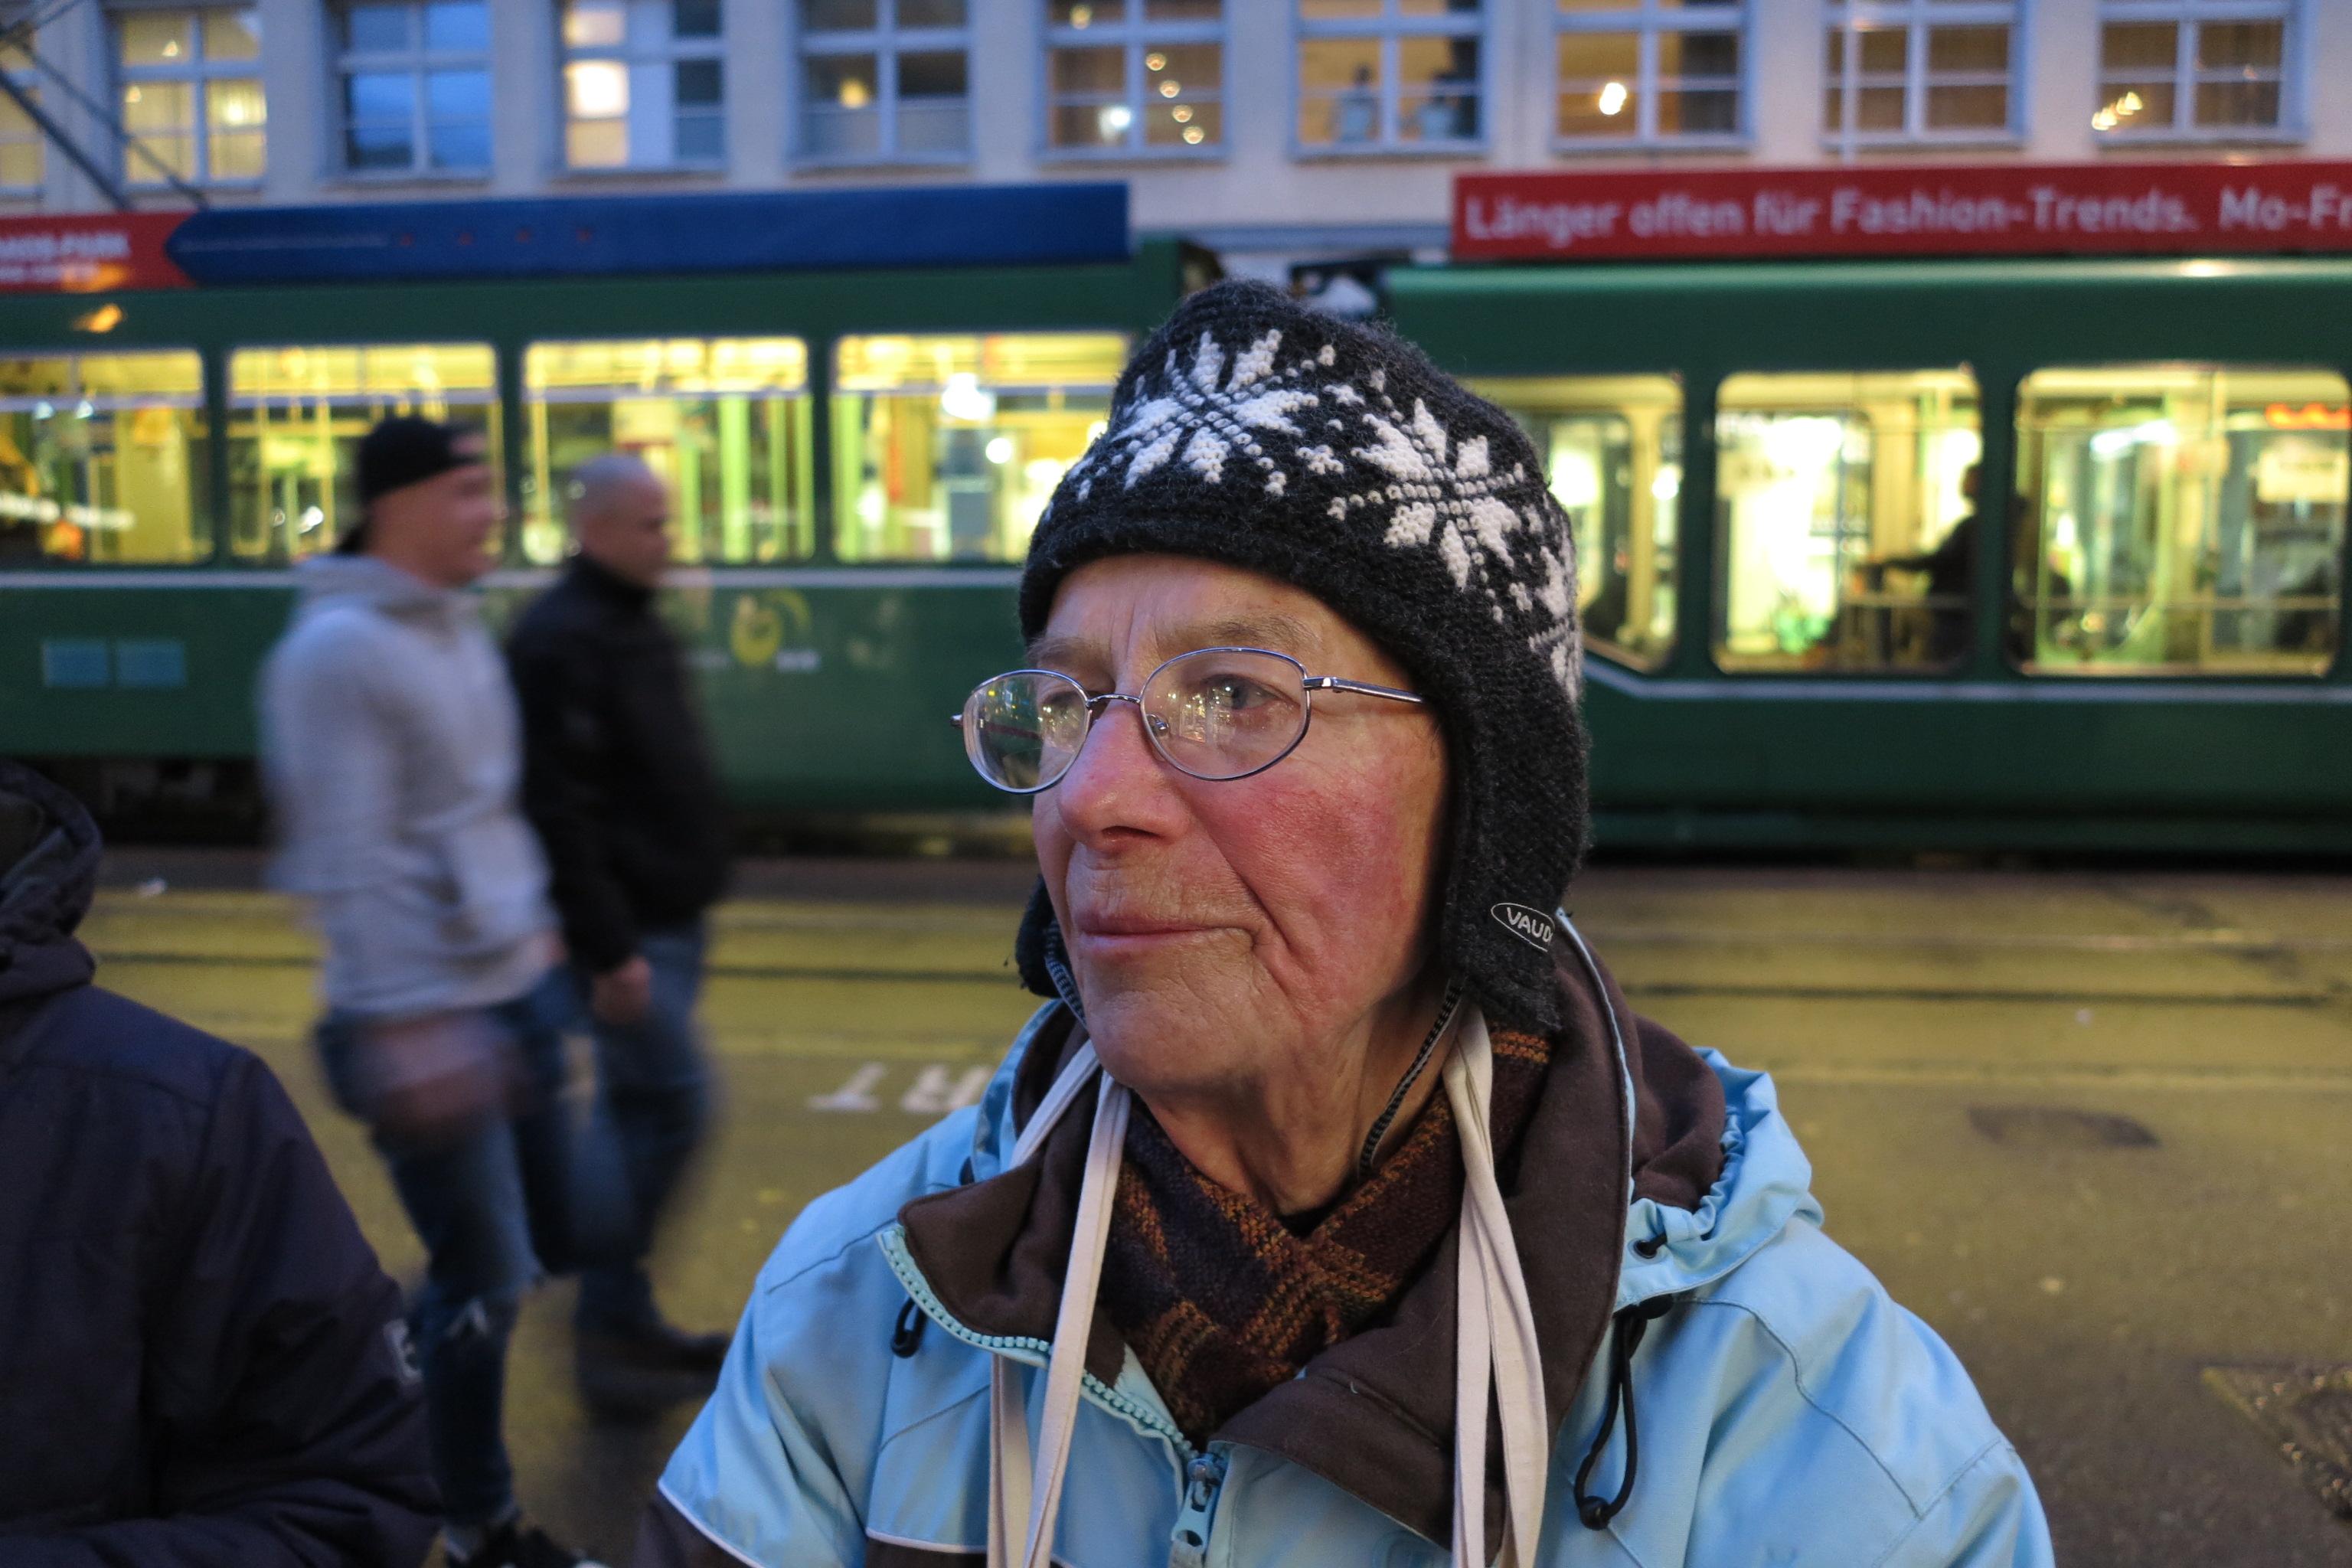 Diese Frau, die vorne im Demonstratonszug mitlief, wurde von einem Gummigeschoss im Gesicht getroffen.